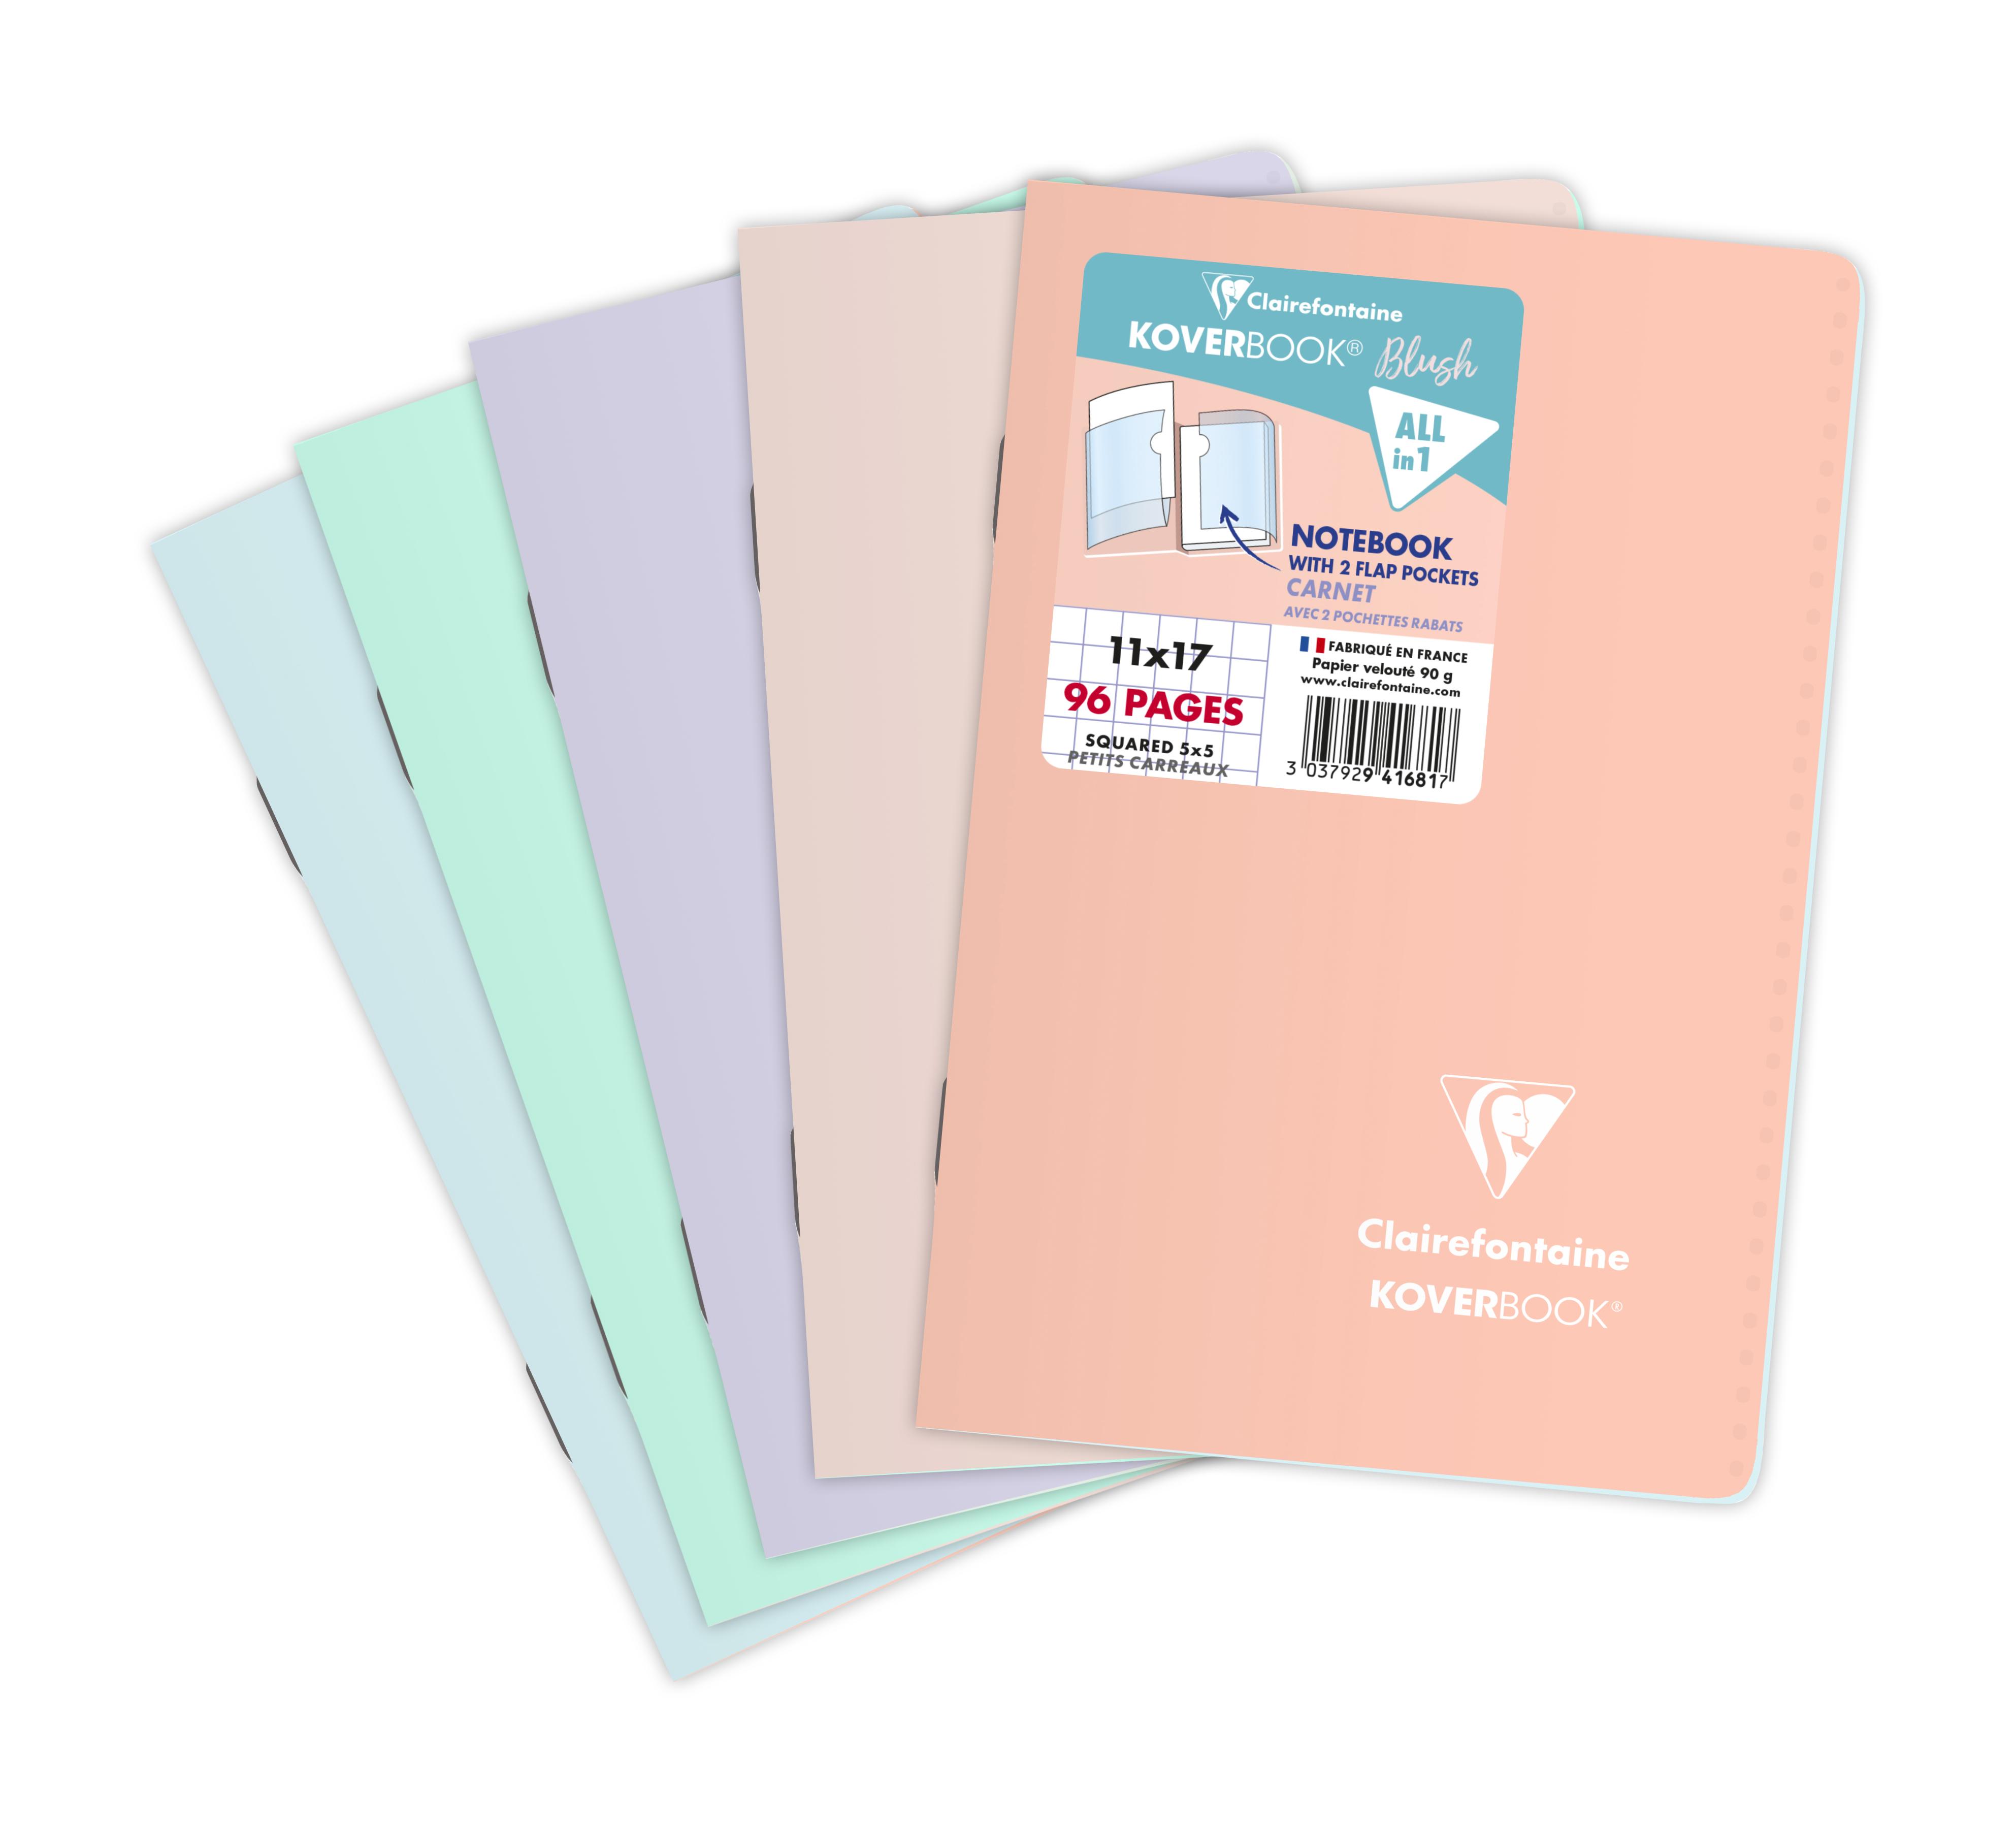 Clairefontaine Koverbook - Carnet polypro 11 x 17 cm - 96 pages - petits carreaux (5x5 mm) - disponible dans différentes couleurs pastels